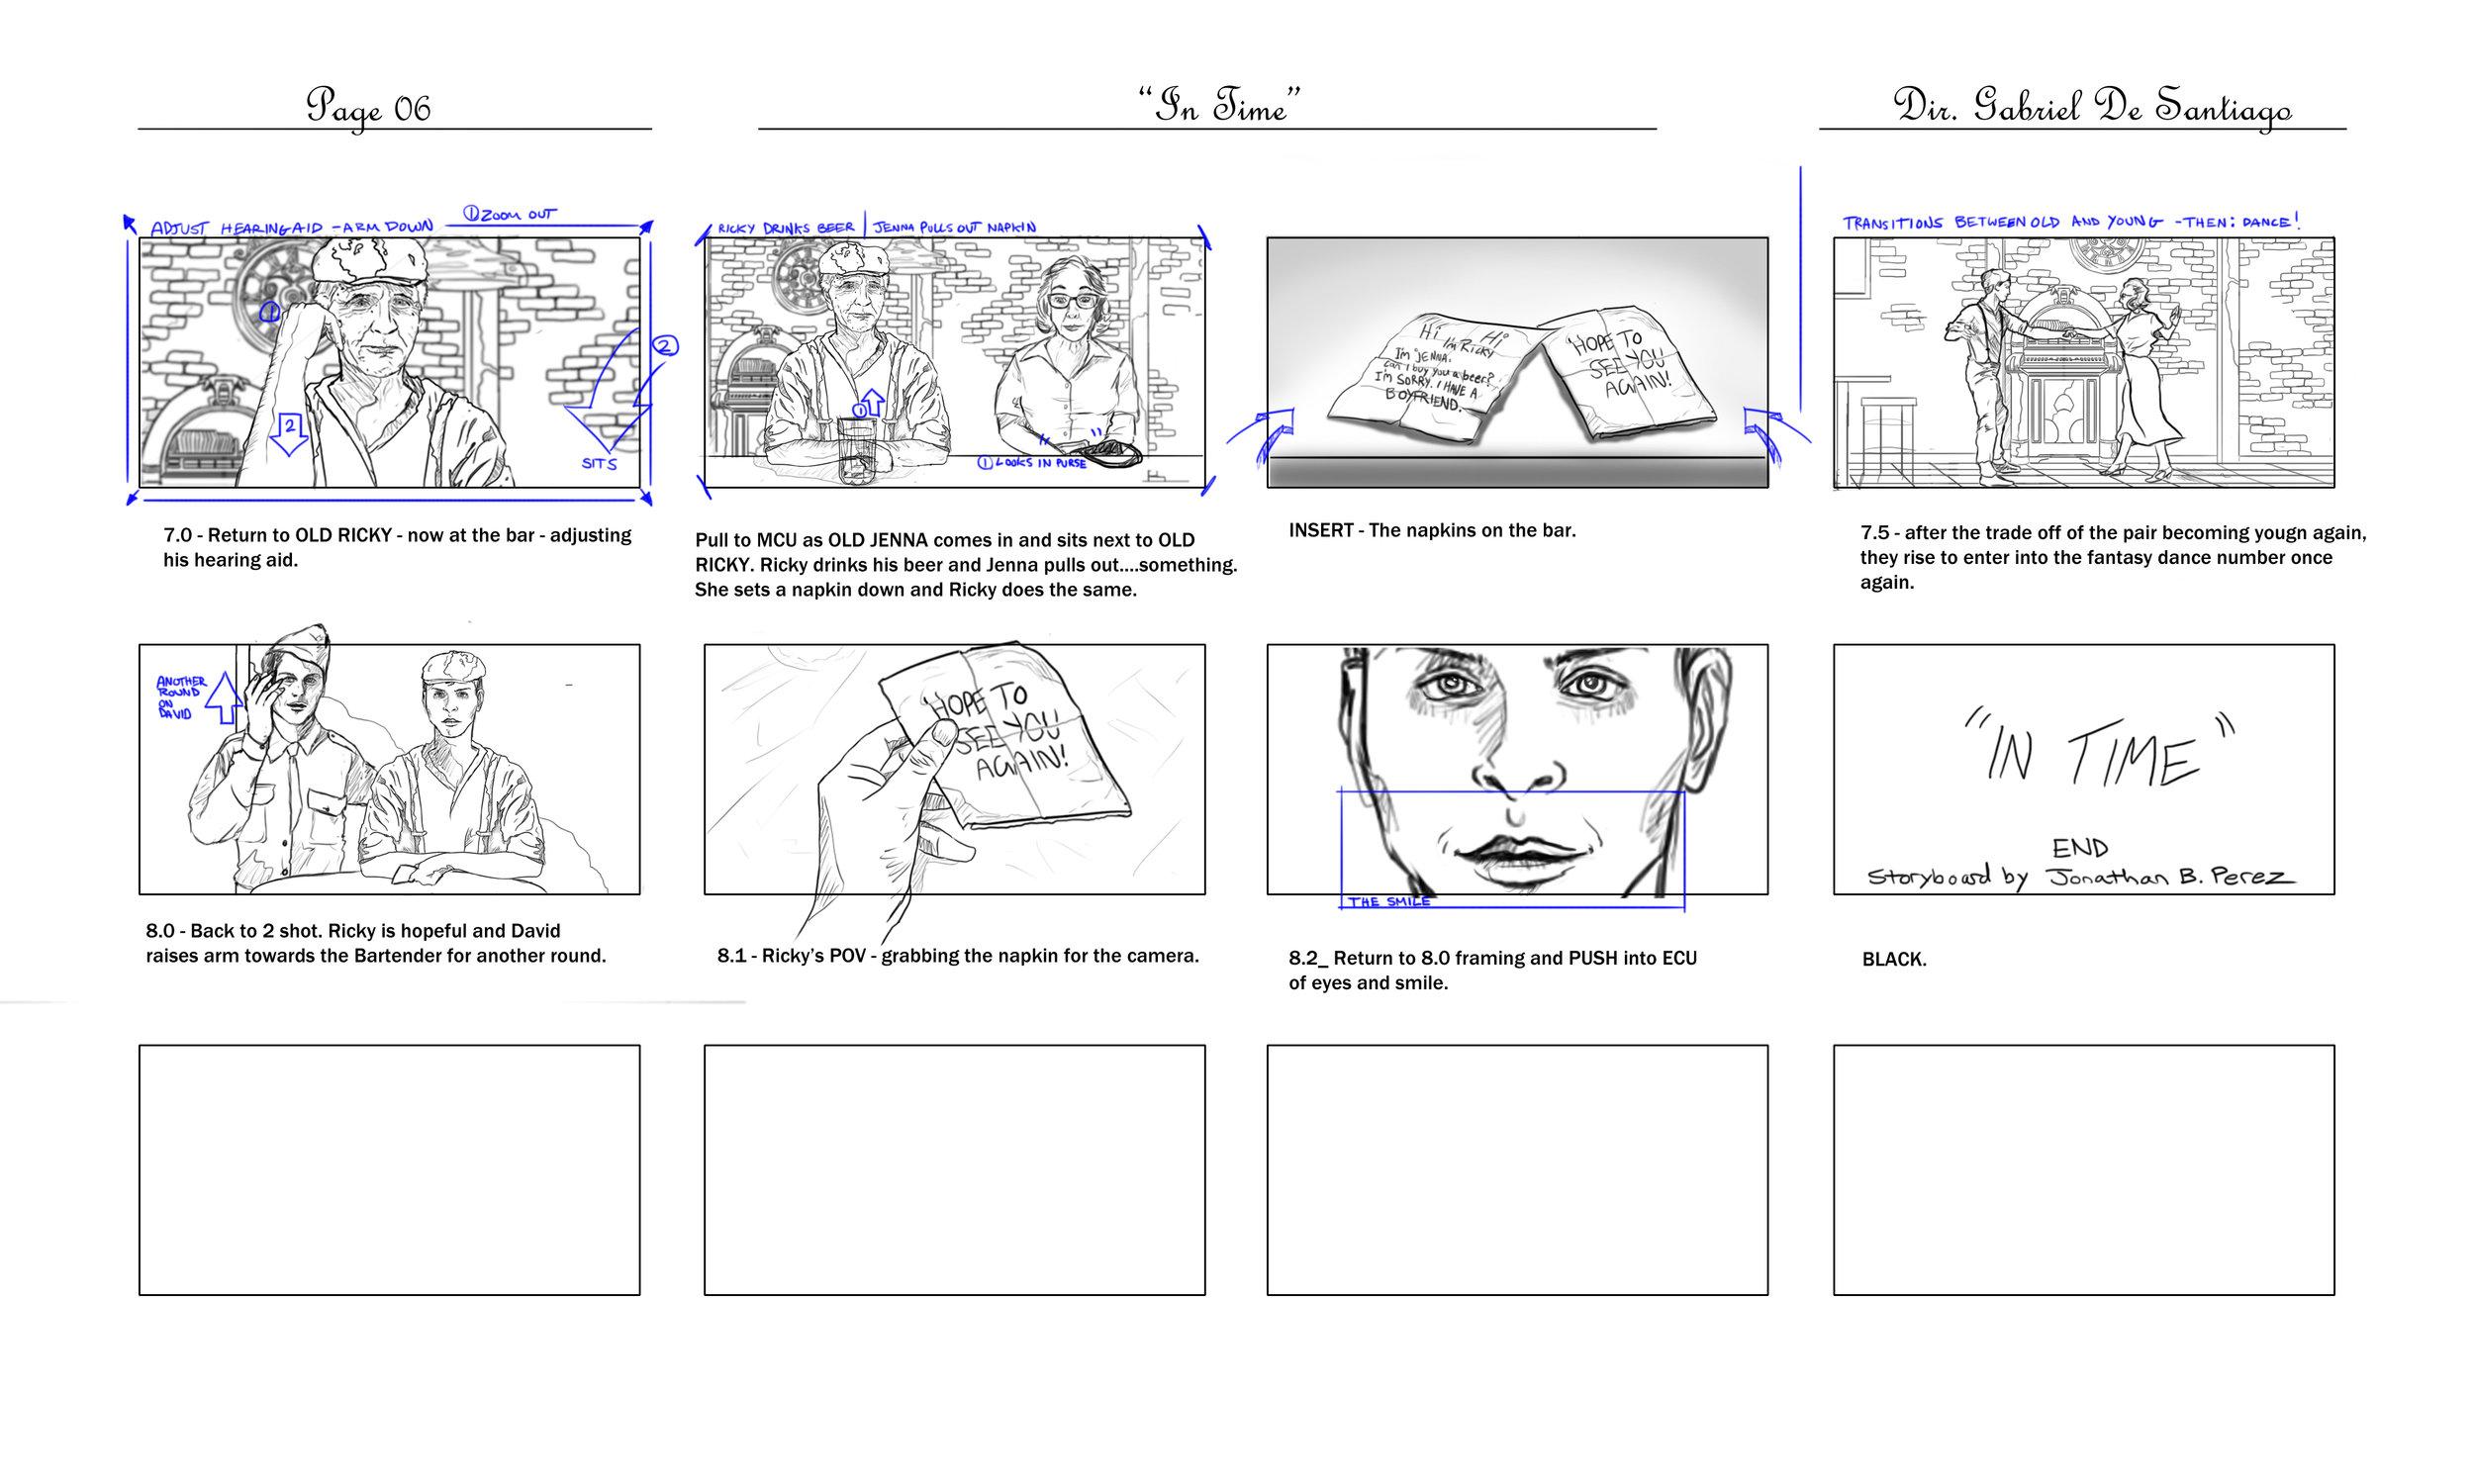 FINAL_IN TIME STORYBOARD_pg 06.jpg